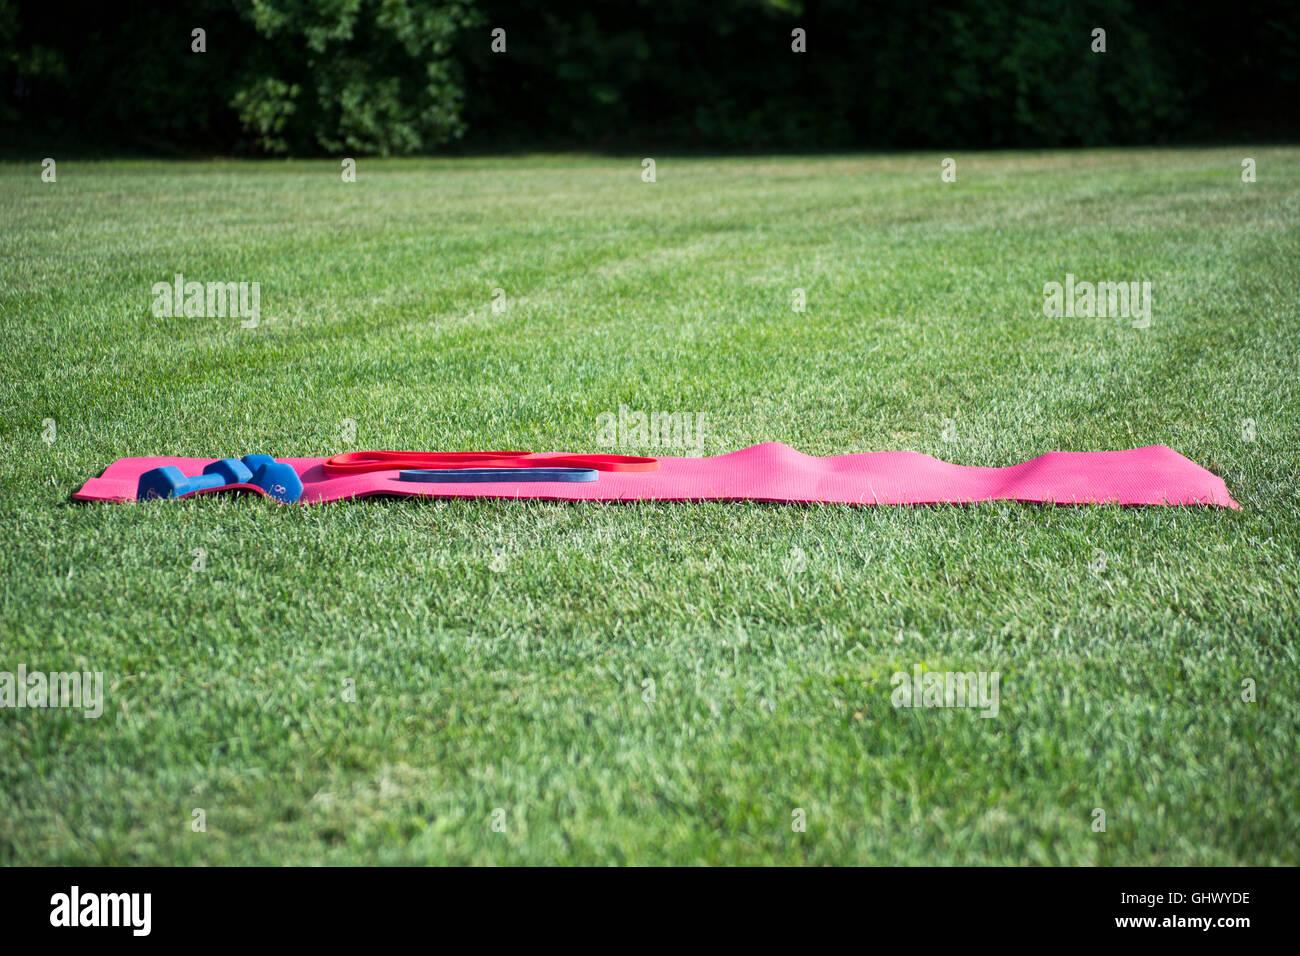 L'équipement d'exercice à l'extérieur Photo Stock